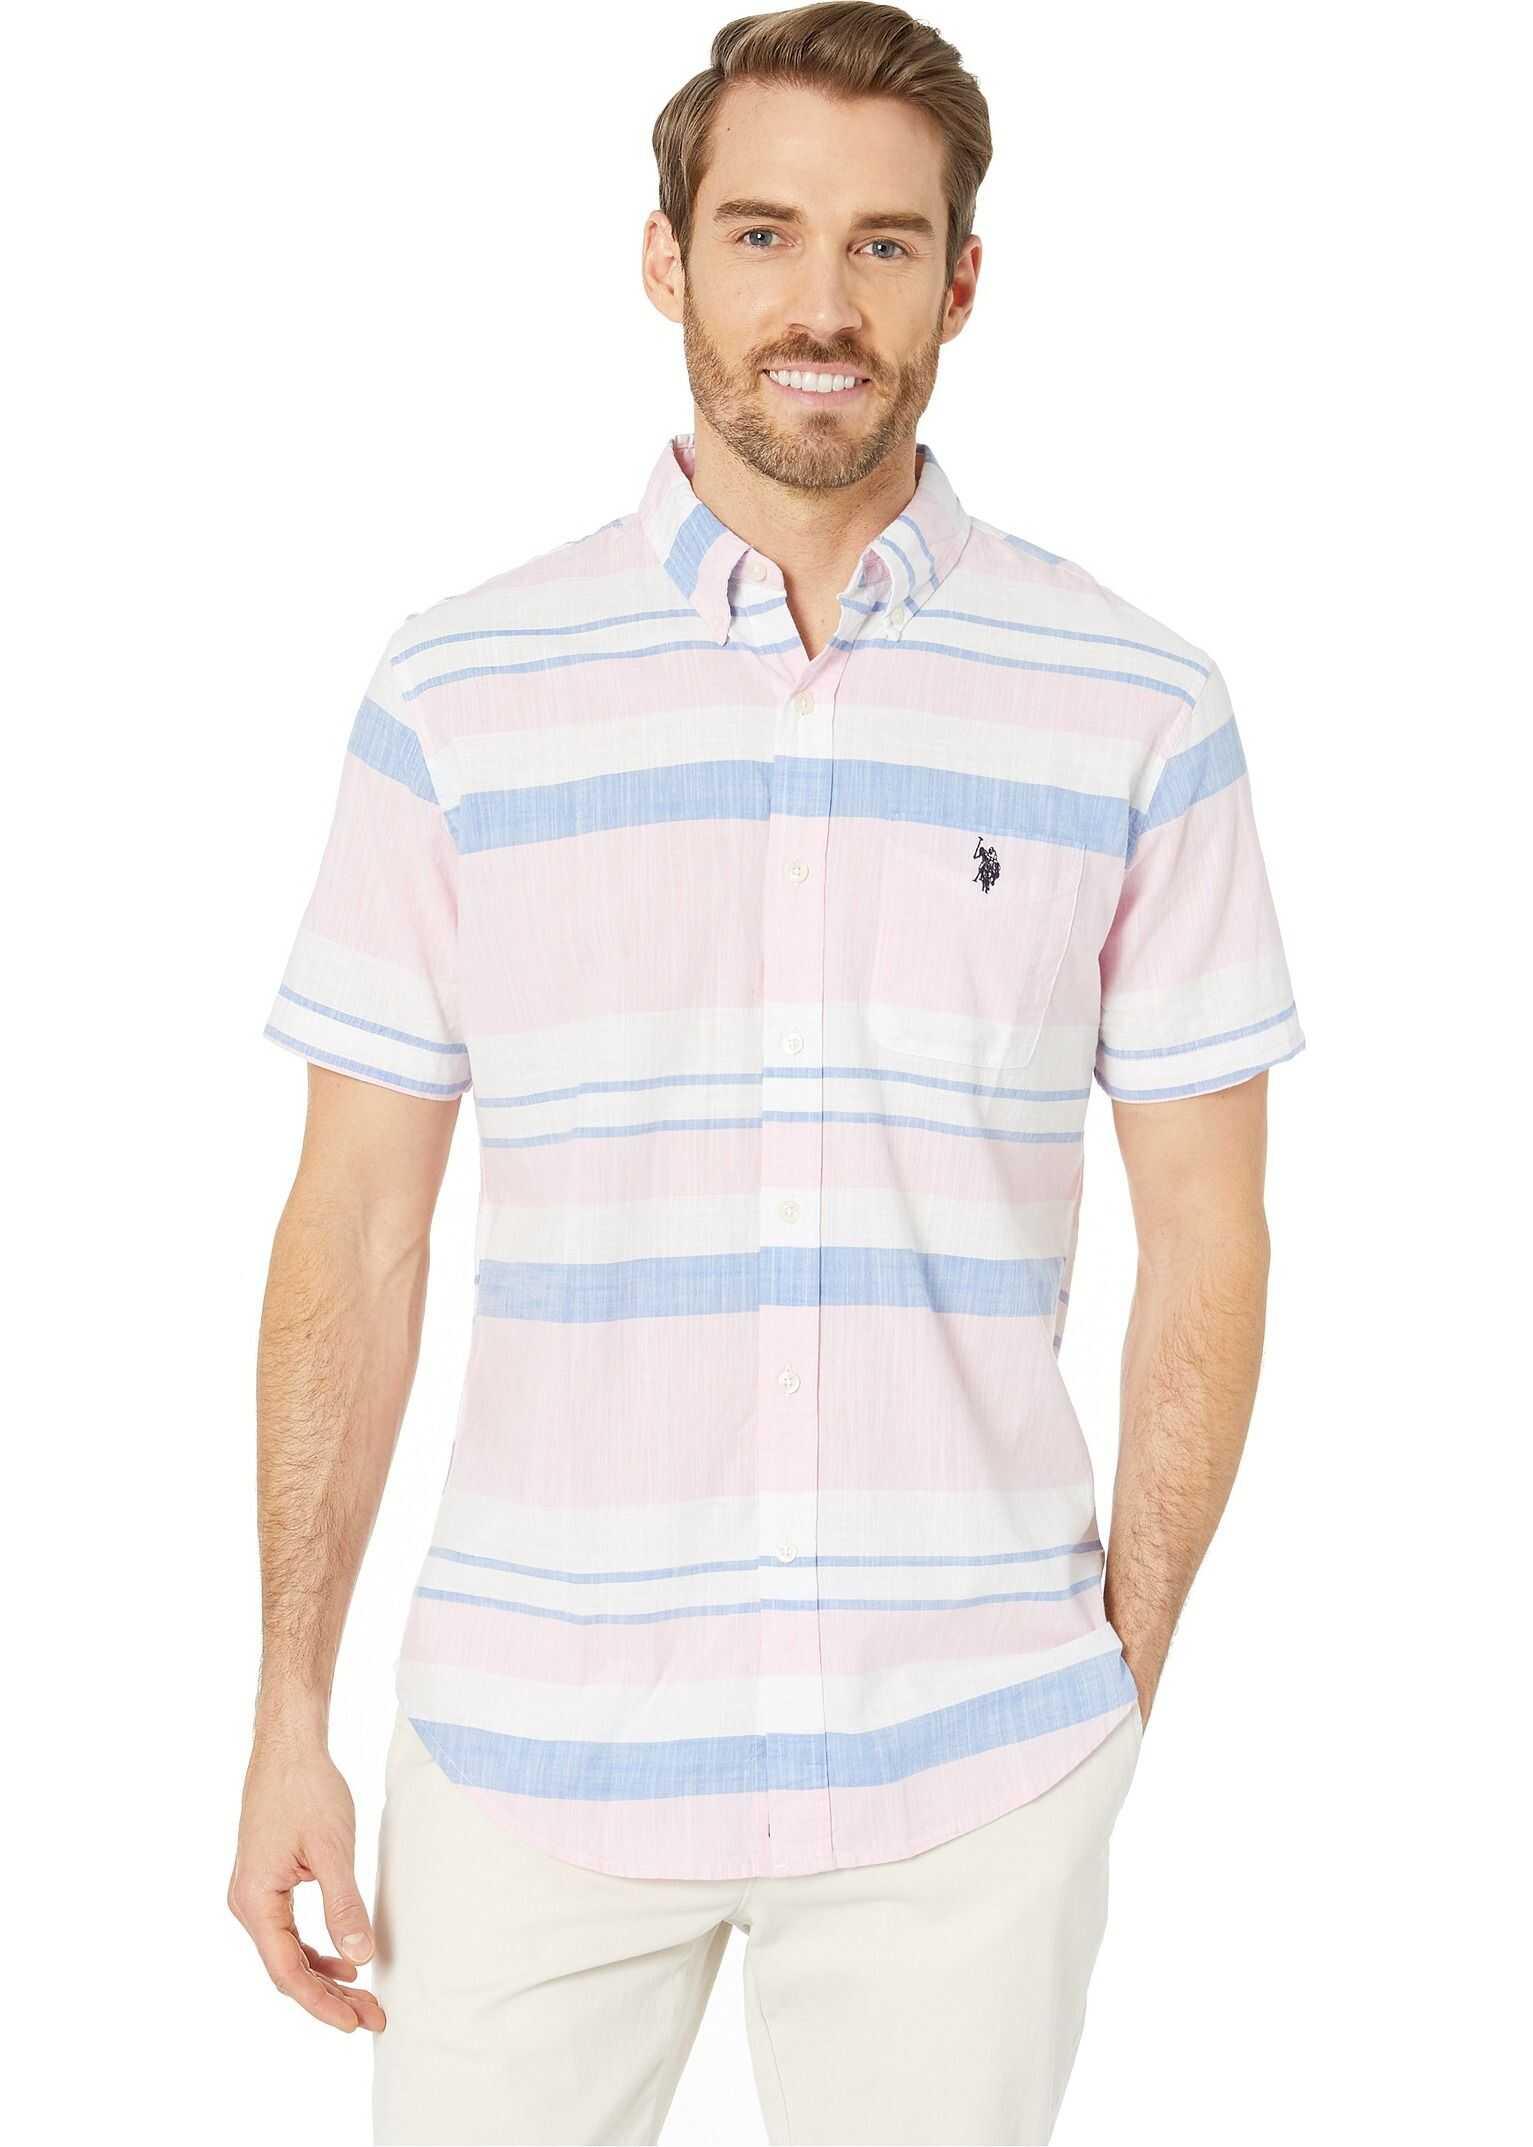 U.S. POLO ASSN. Horizontal Slub Stripe Button Down Pink Gin